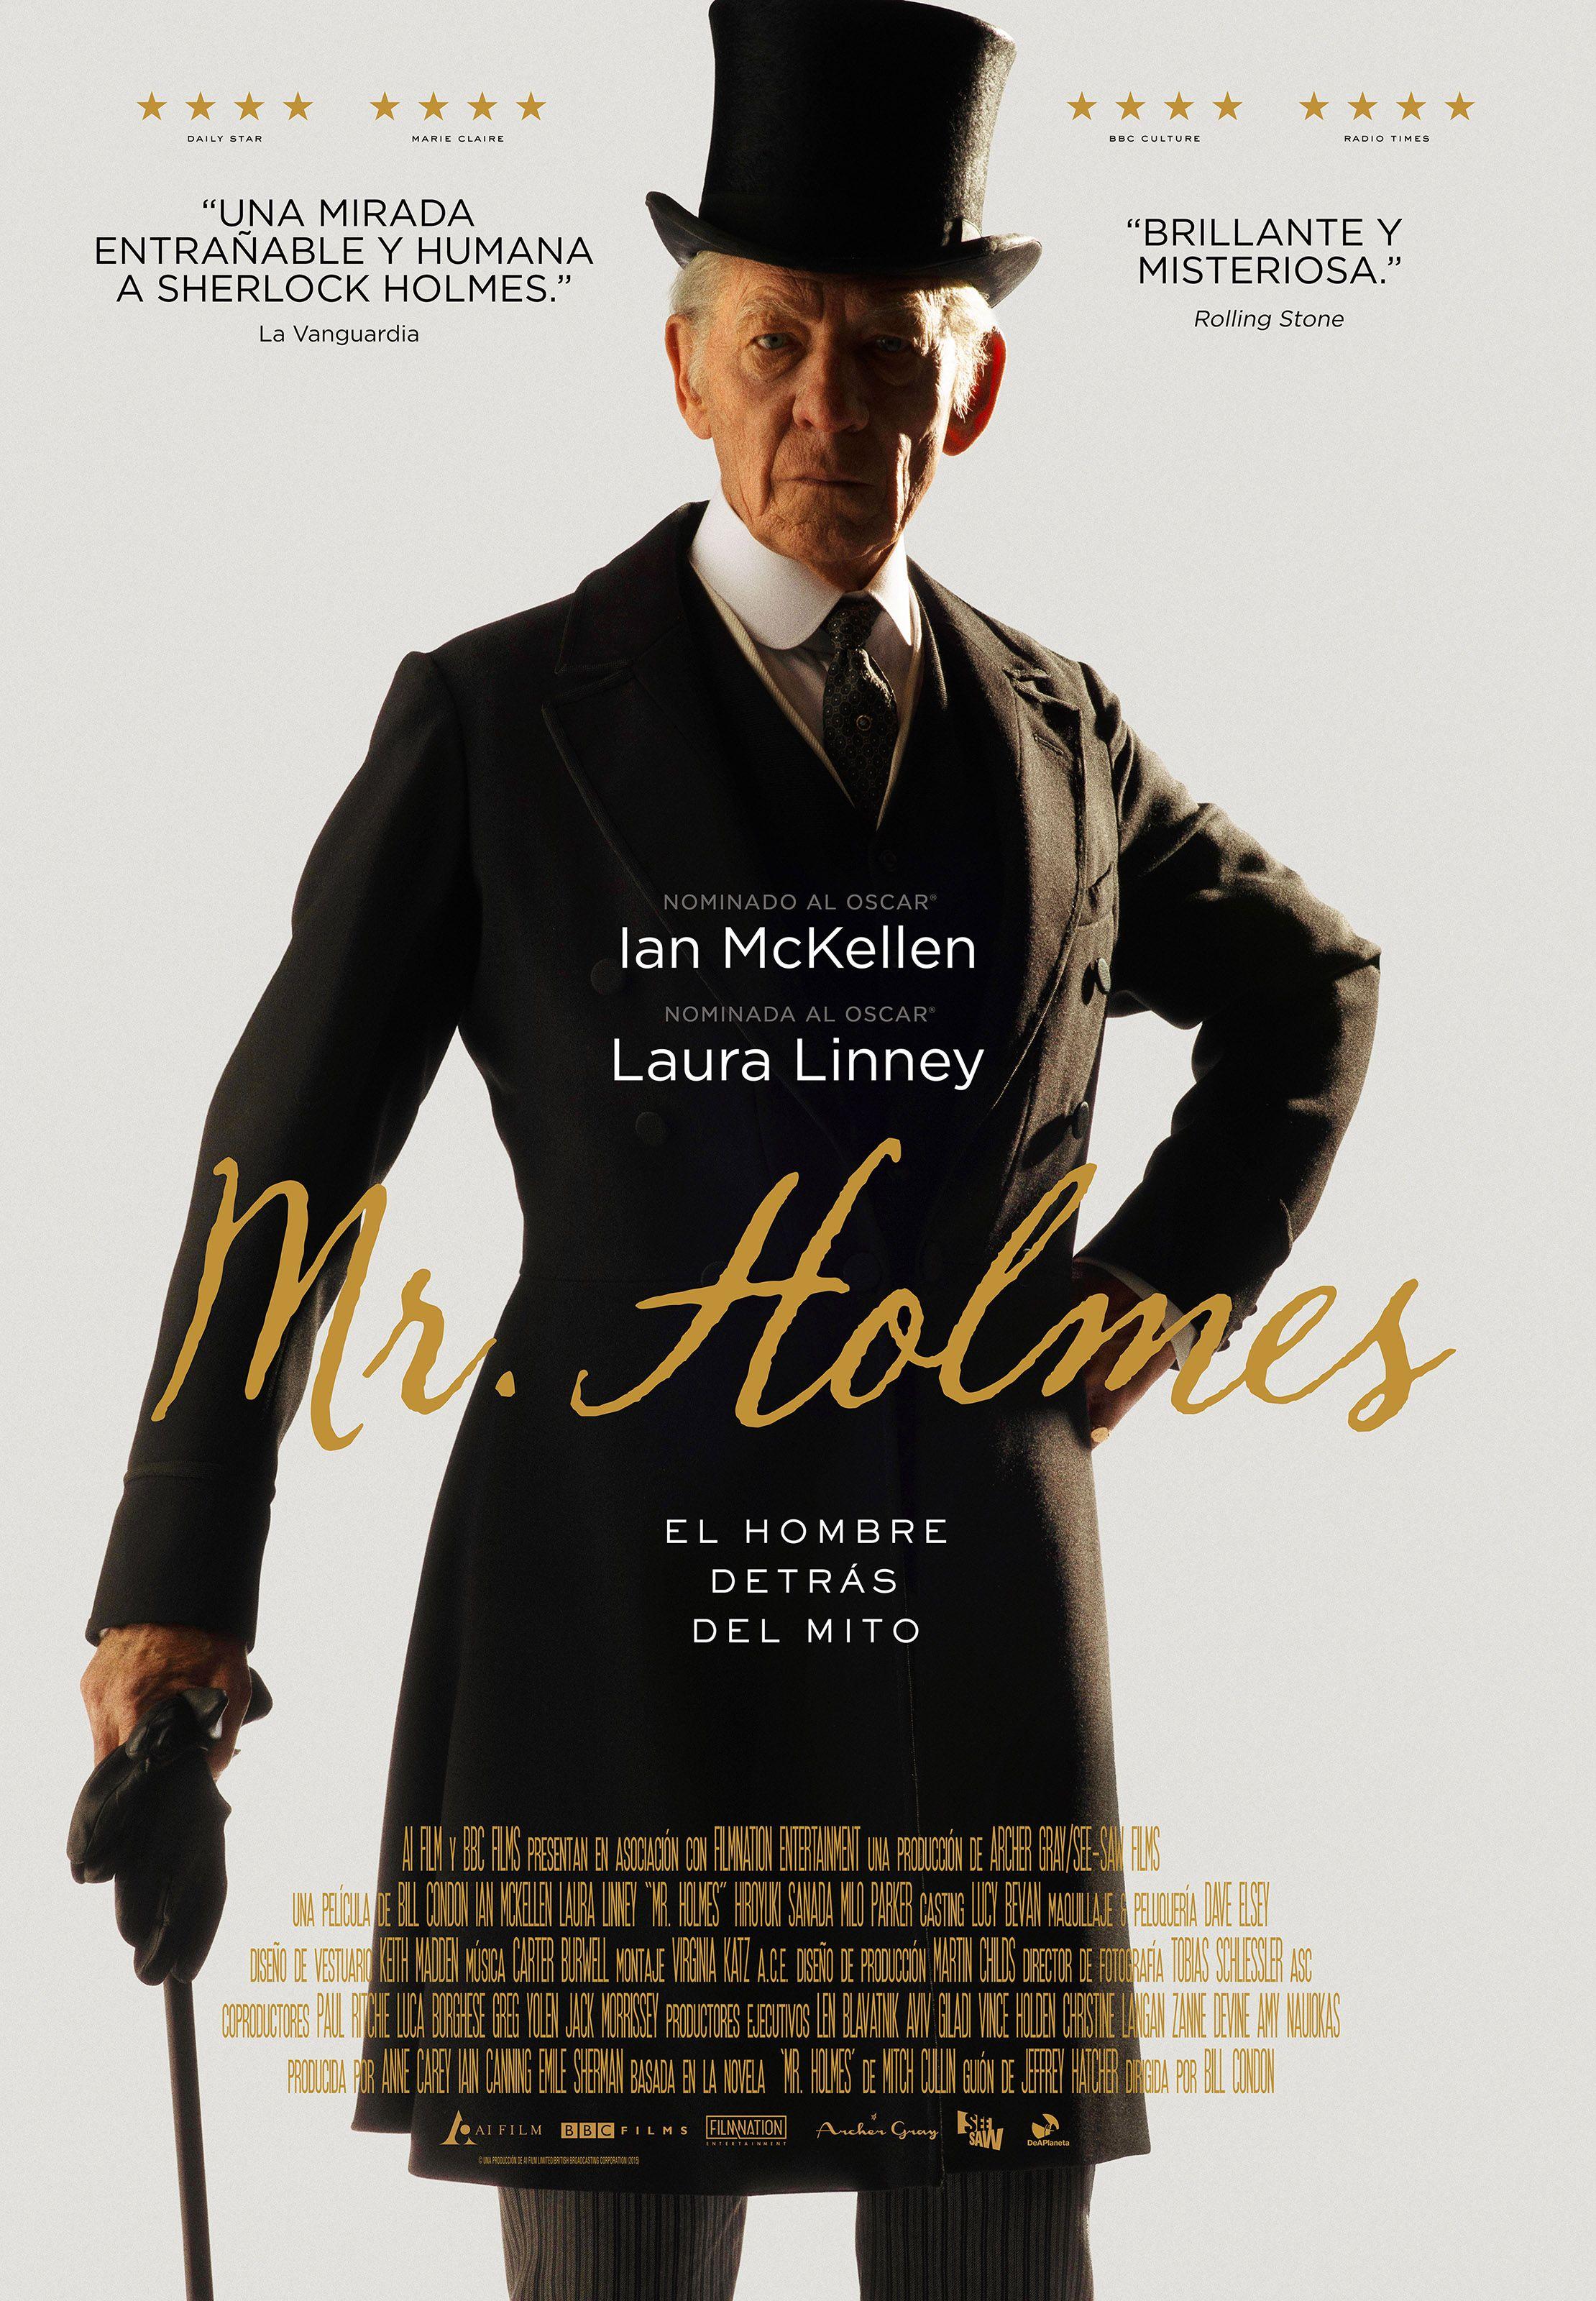 Macson Events | Consigue dos entradas para ver la #película Mr. Holmes, con la colaboración de Deaplaneta. #cine #estreno #BeBritish